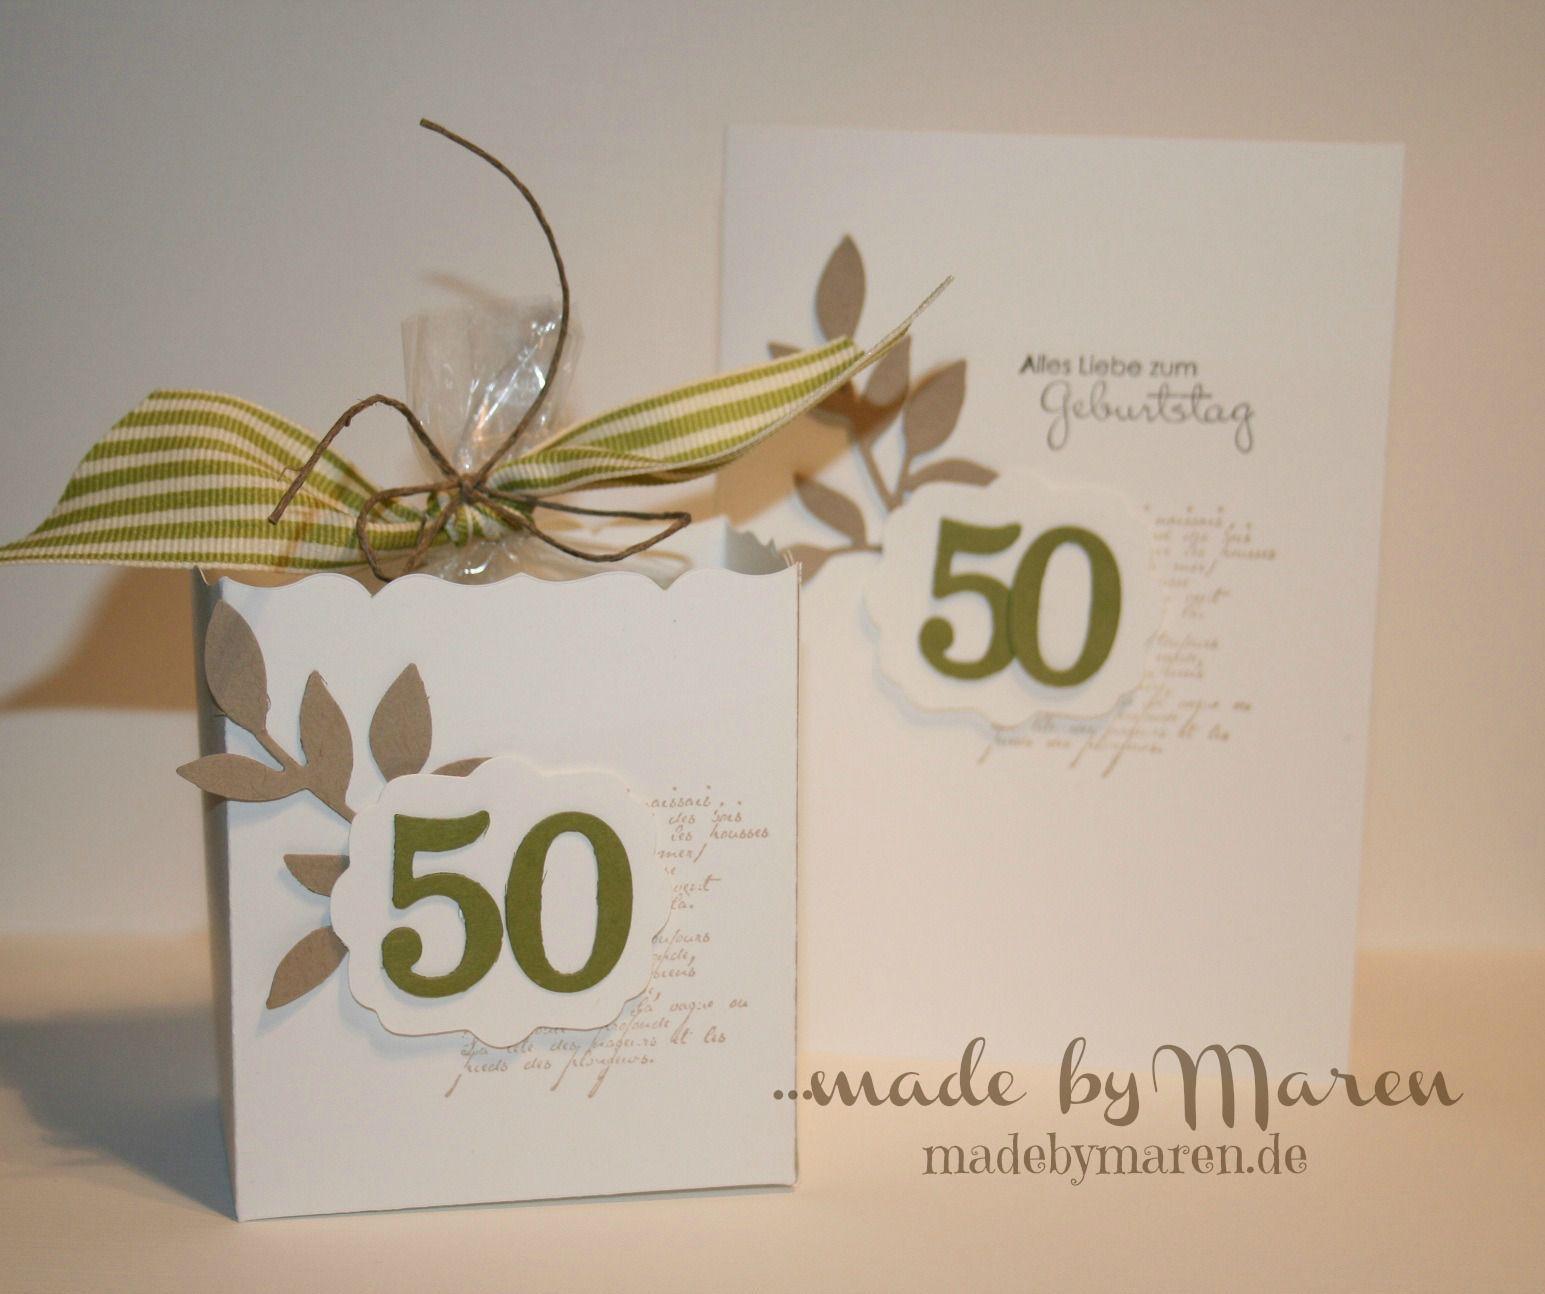 einladungskarten geburtstag : einladungskarten zum 50 geburtstag, Einladungsentwurf